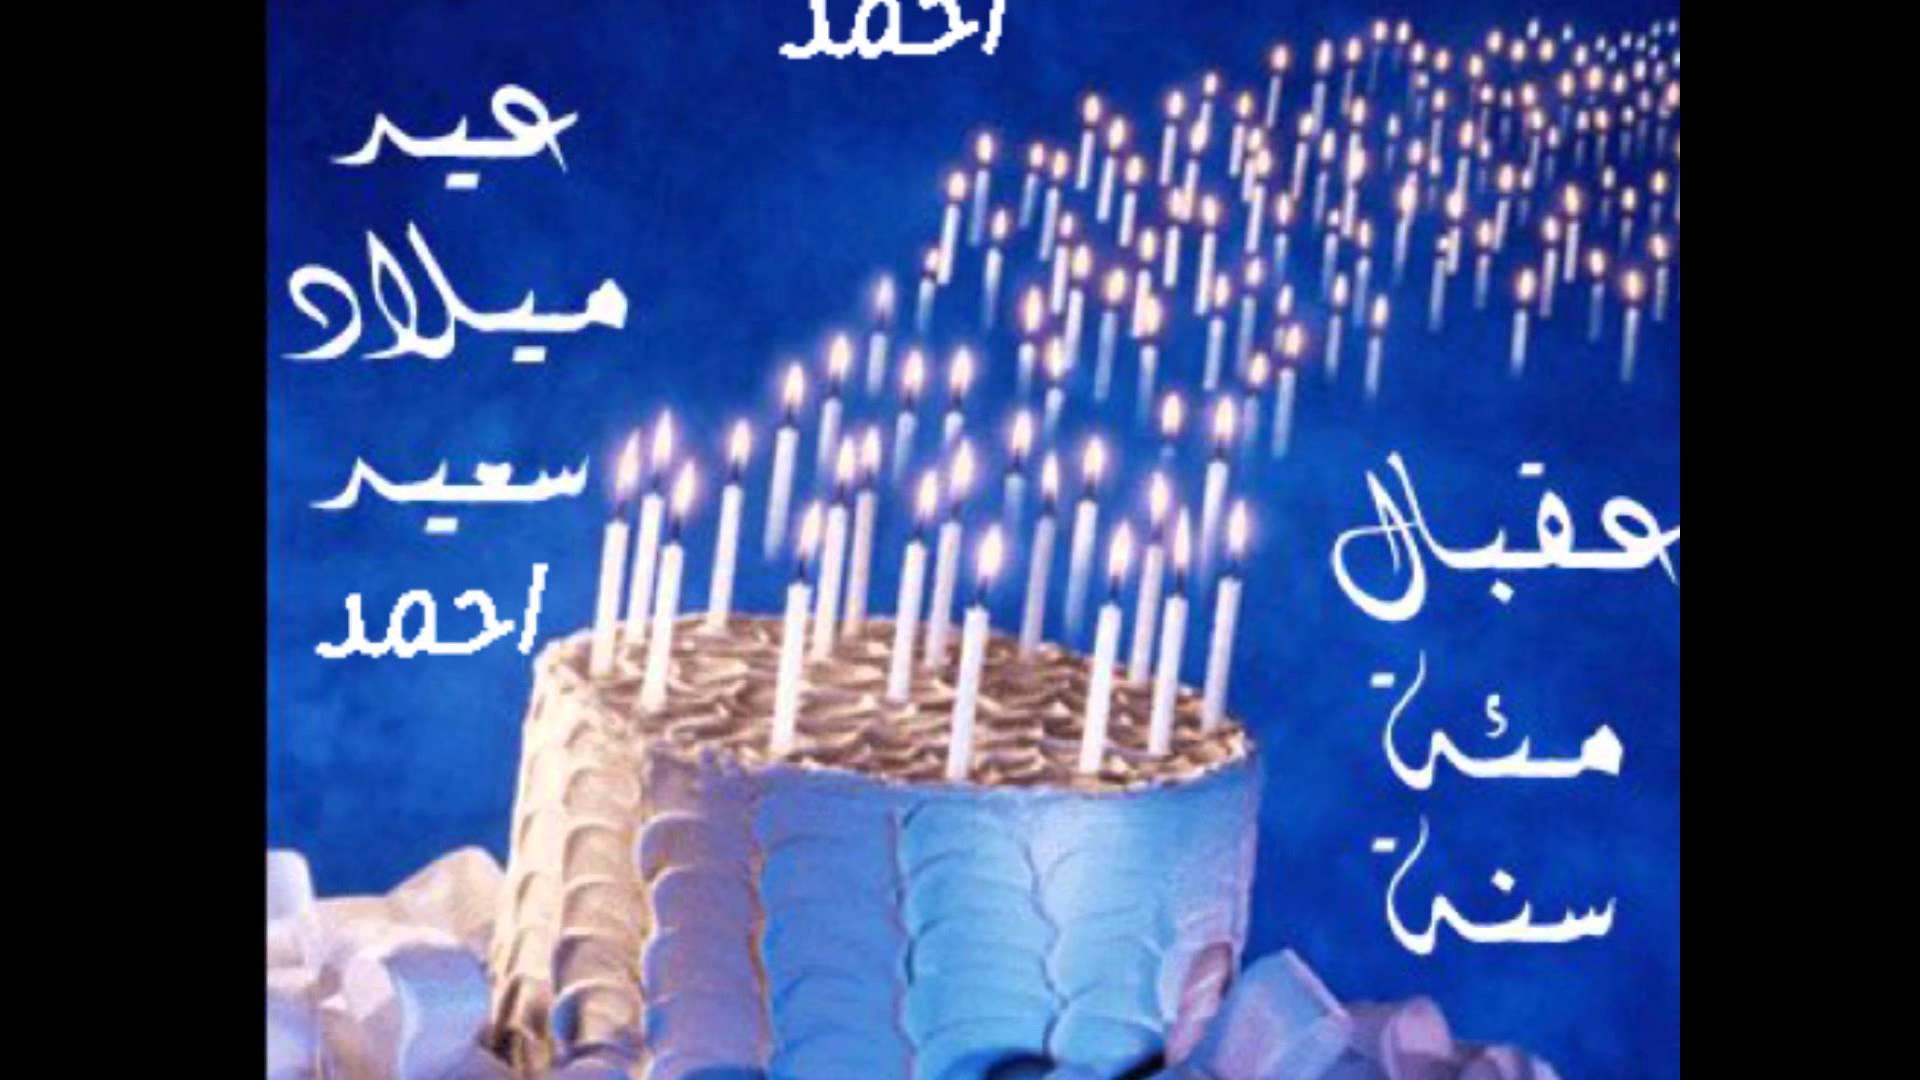 بالصور تهاني اعياد الميلاد , اجمل الكلمات لتهنئة شخص بعيد ميلاده 2114 2